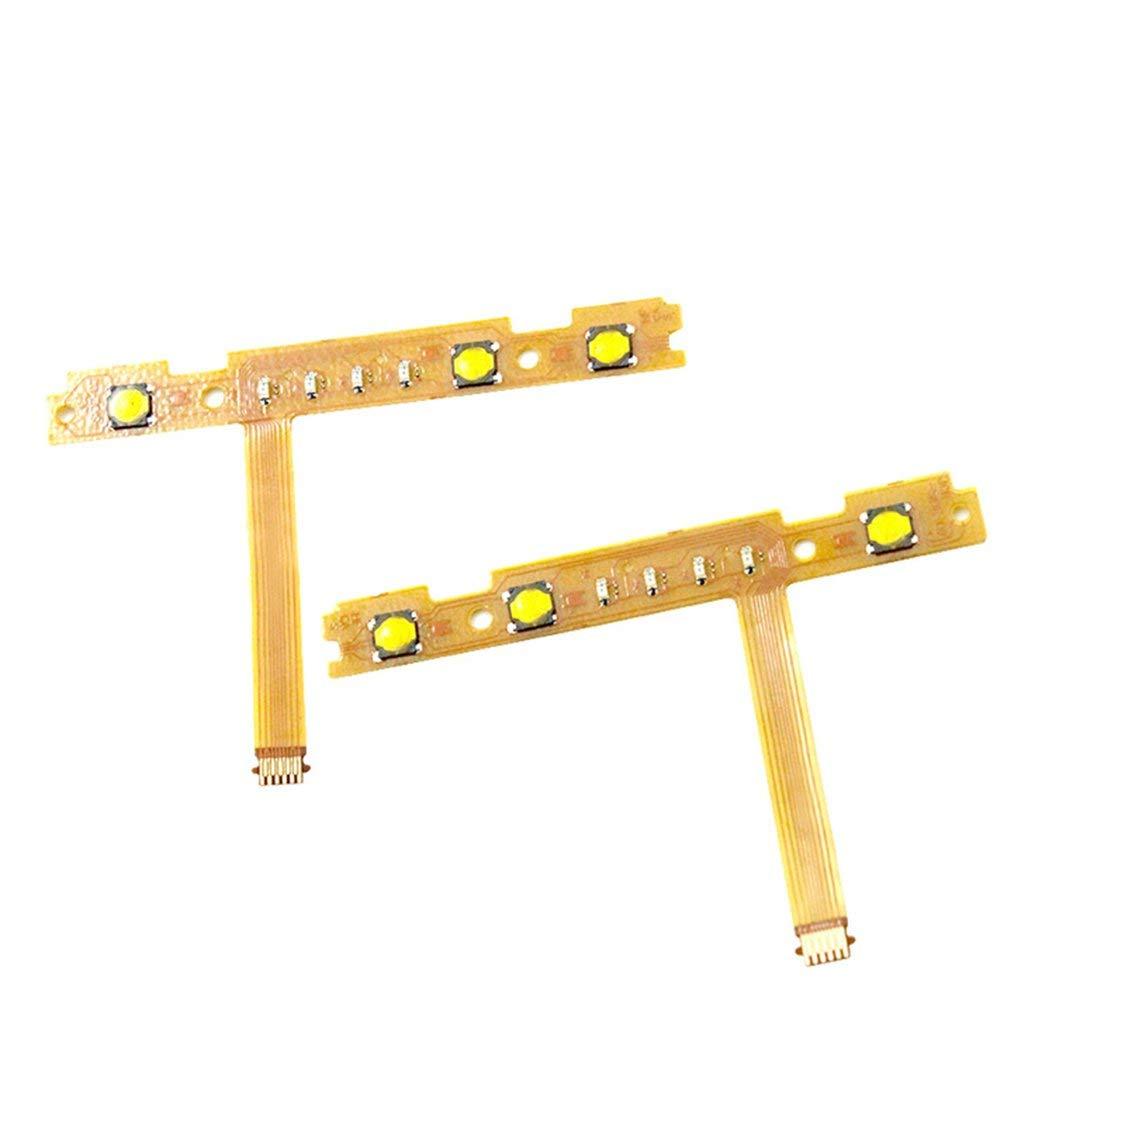 Accessoires de r/éparation SL SR Bouton C/âble L//R Flex C/âble Pour Nintend Switch Ligne de contr/ôleurs Joy-Con